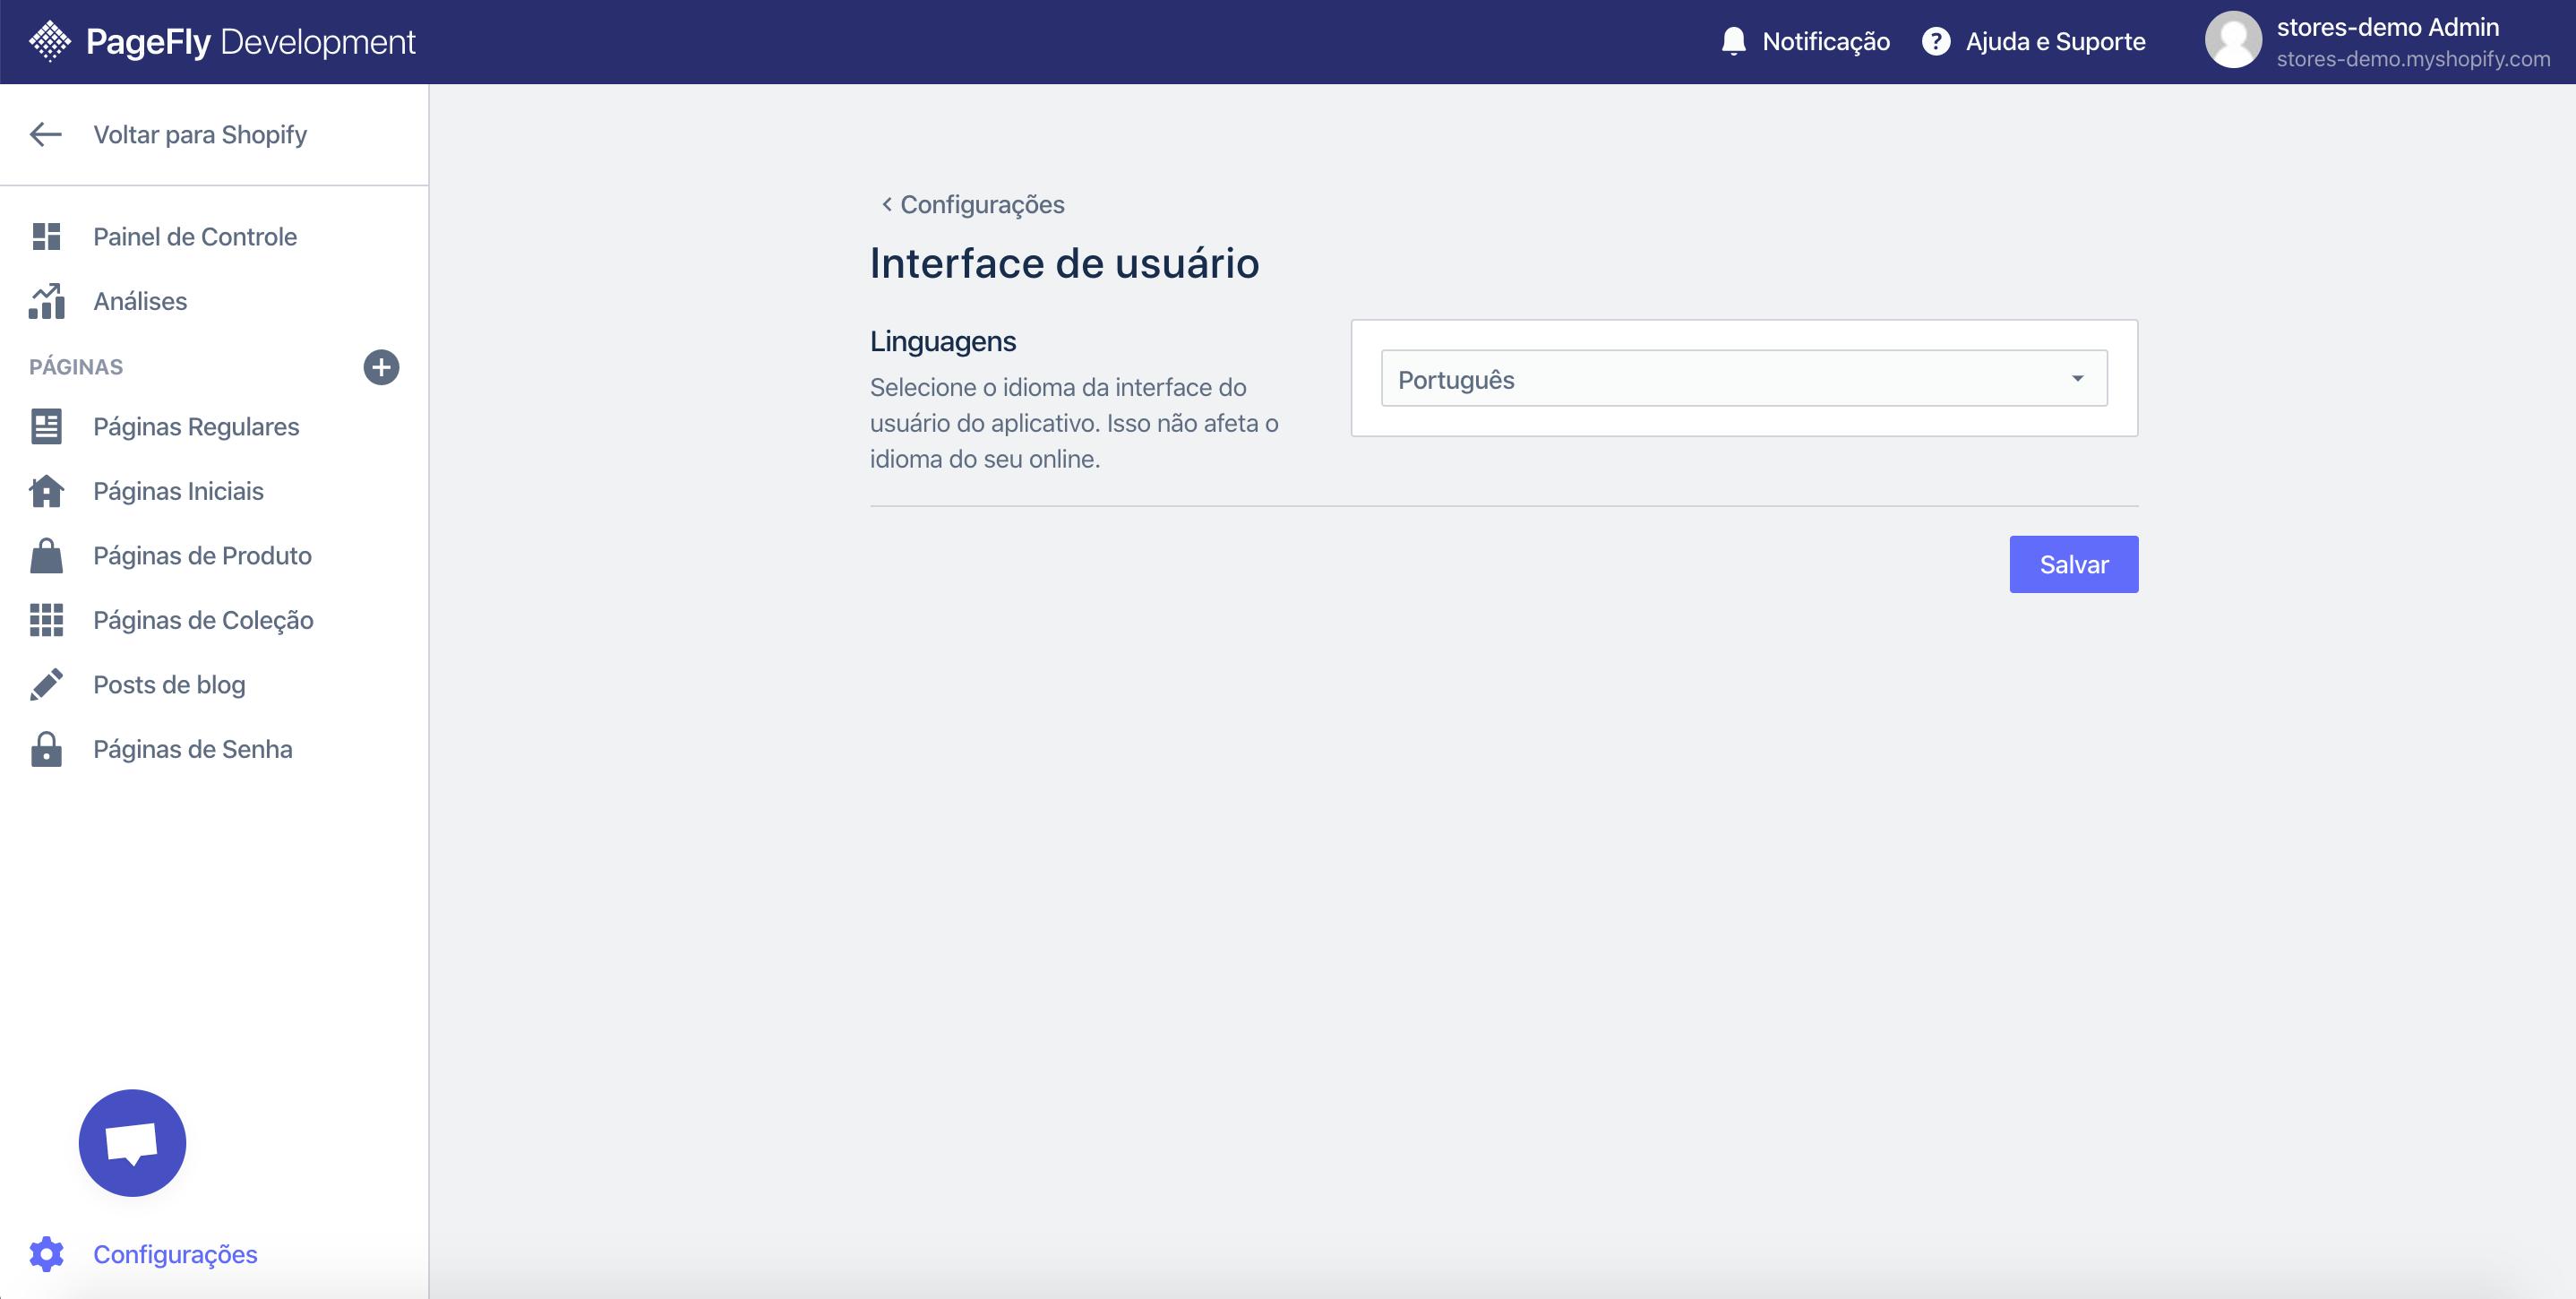 Português PageFly